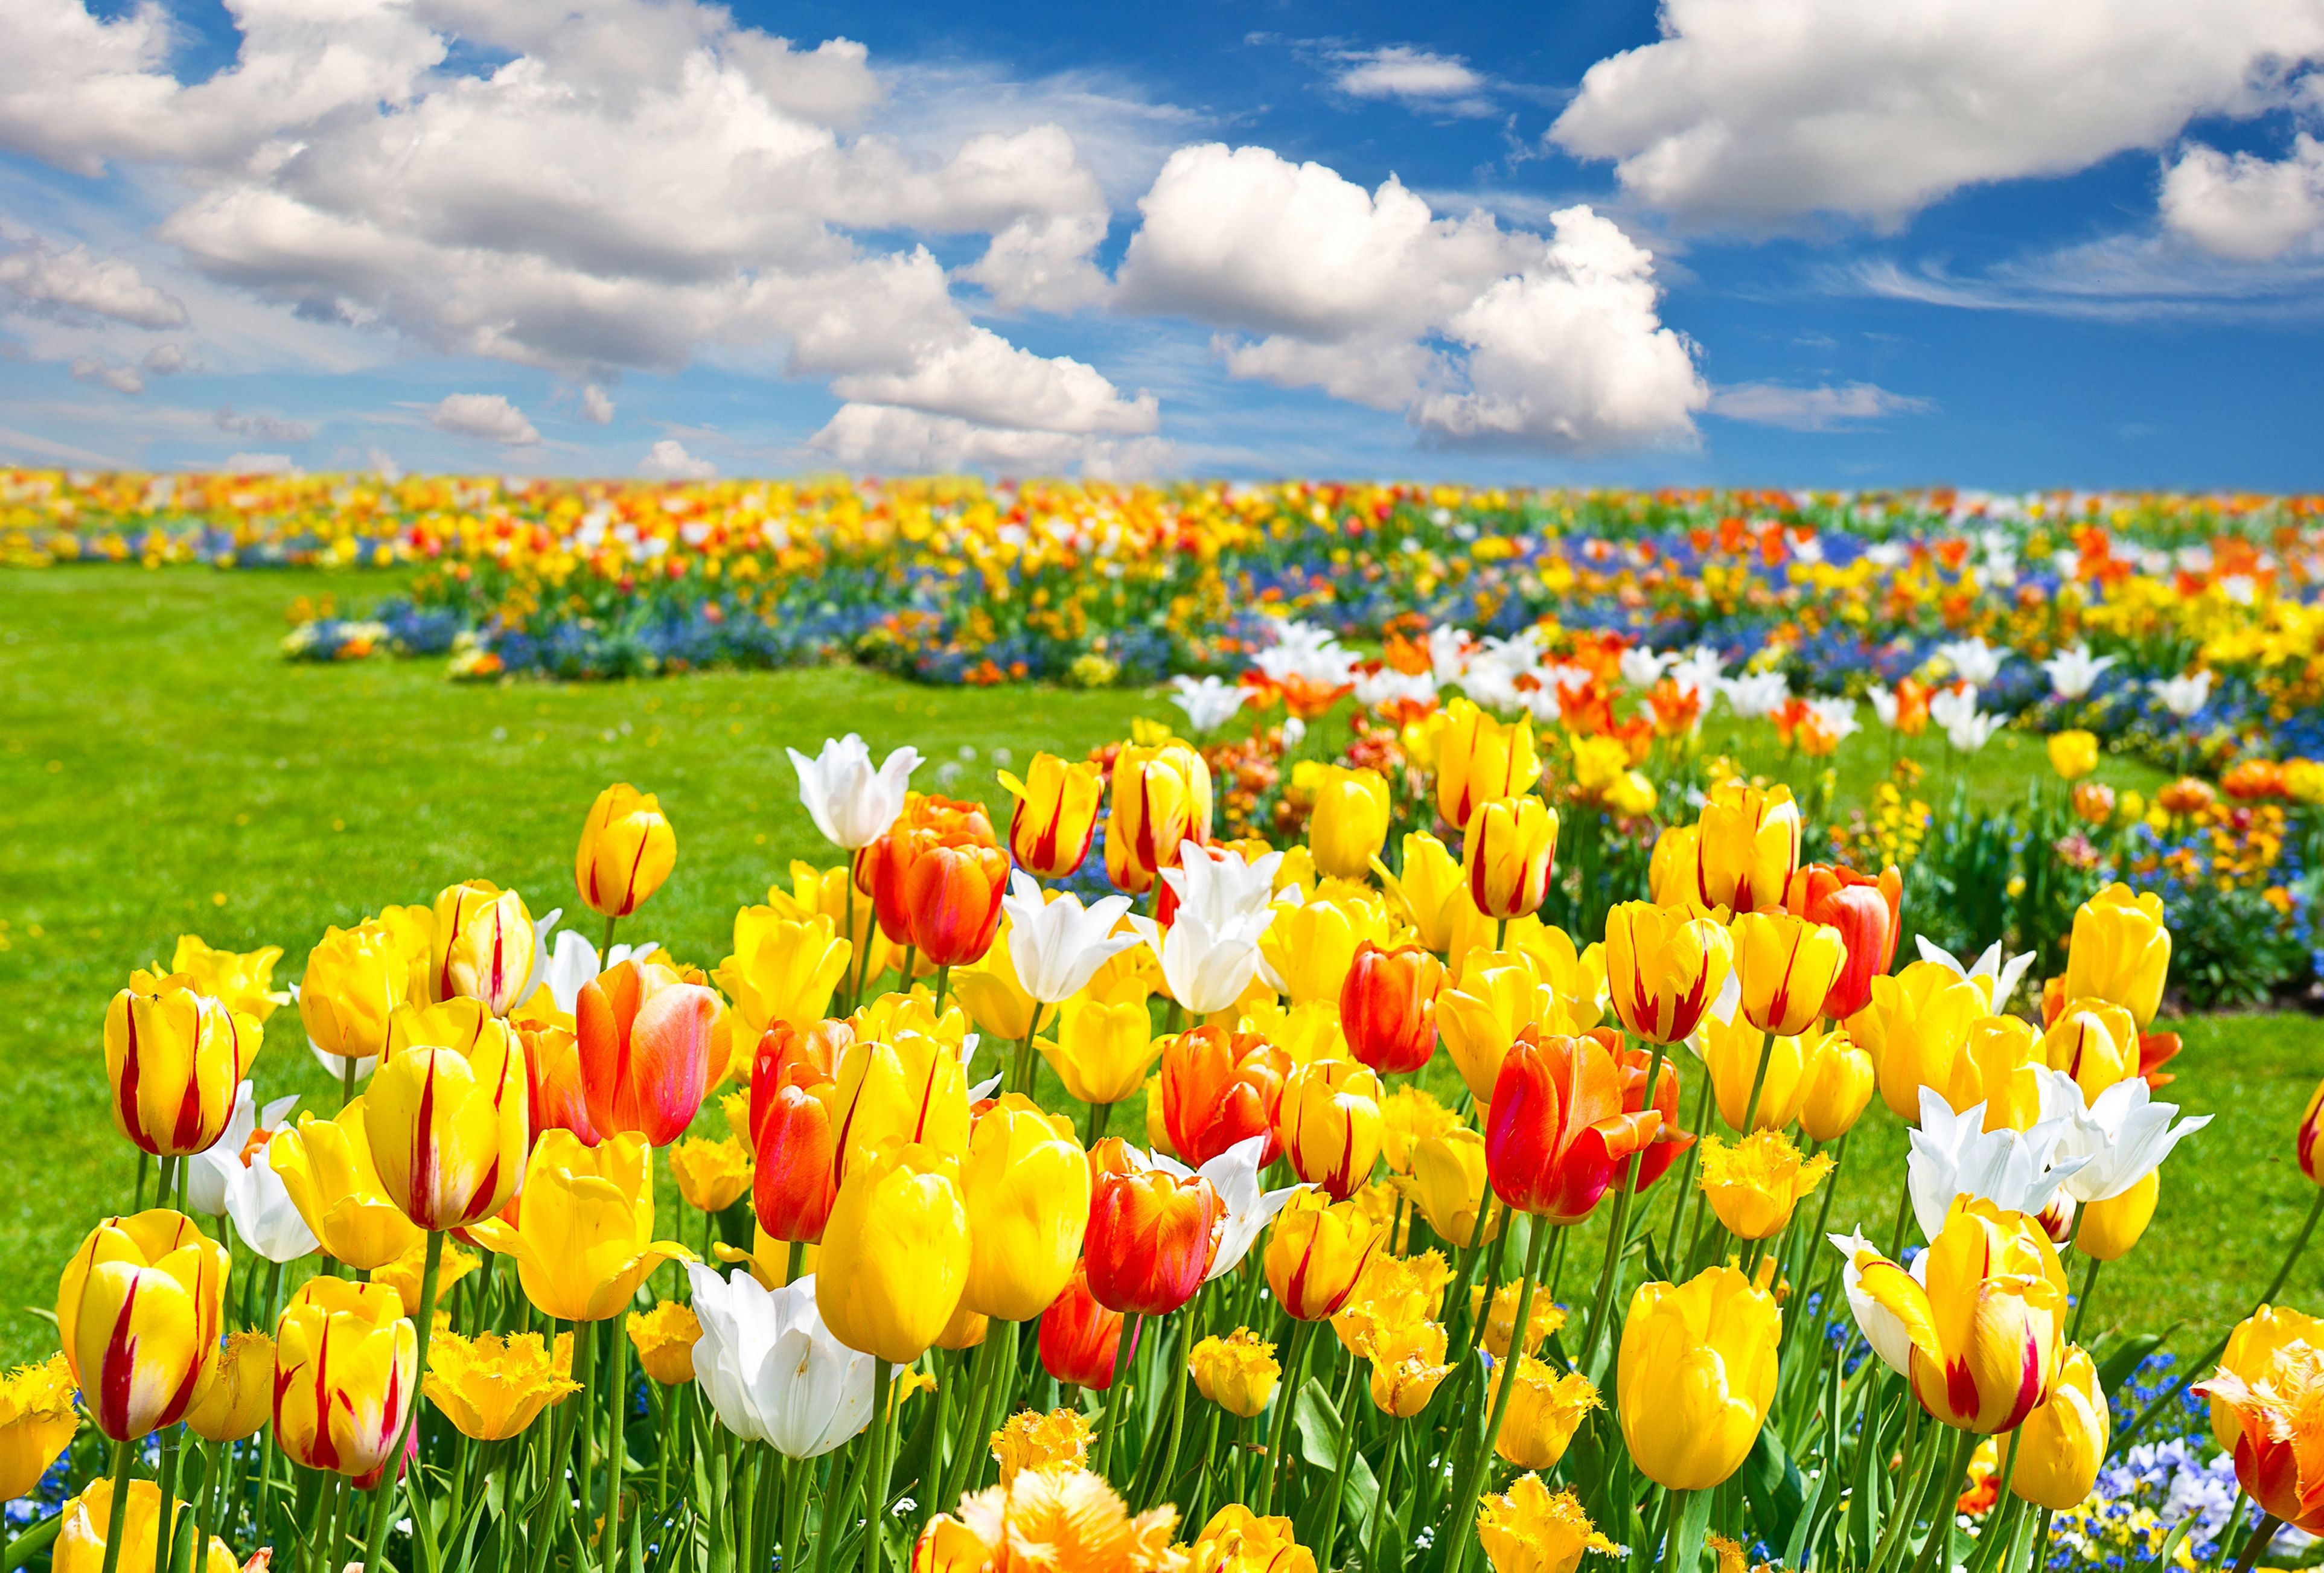 Hd Wallpaper Tulip Fields 2021 Live Wallpaper Hd Field Wallpaper Flower Landscape Tulip Fields